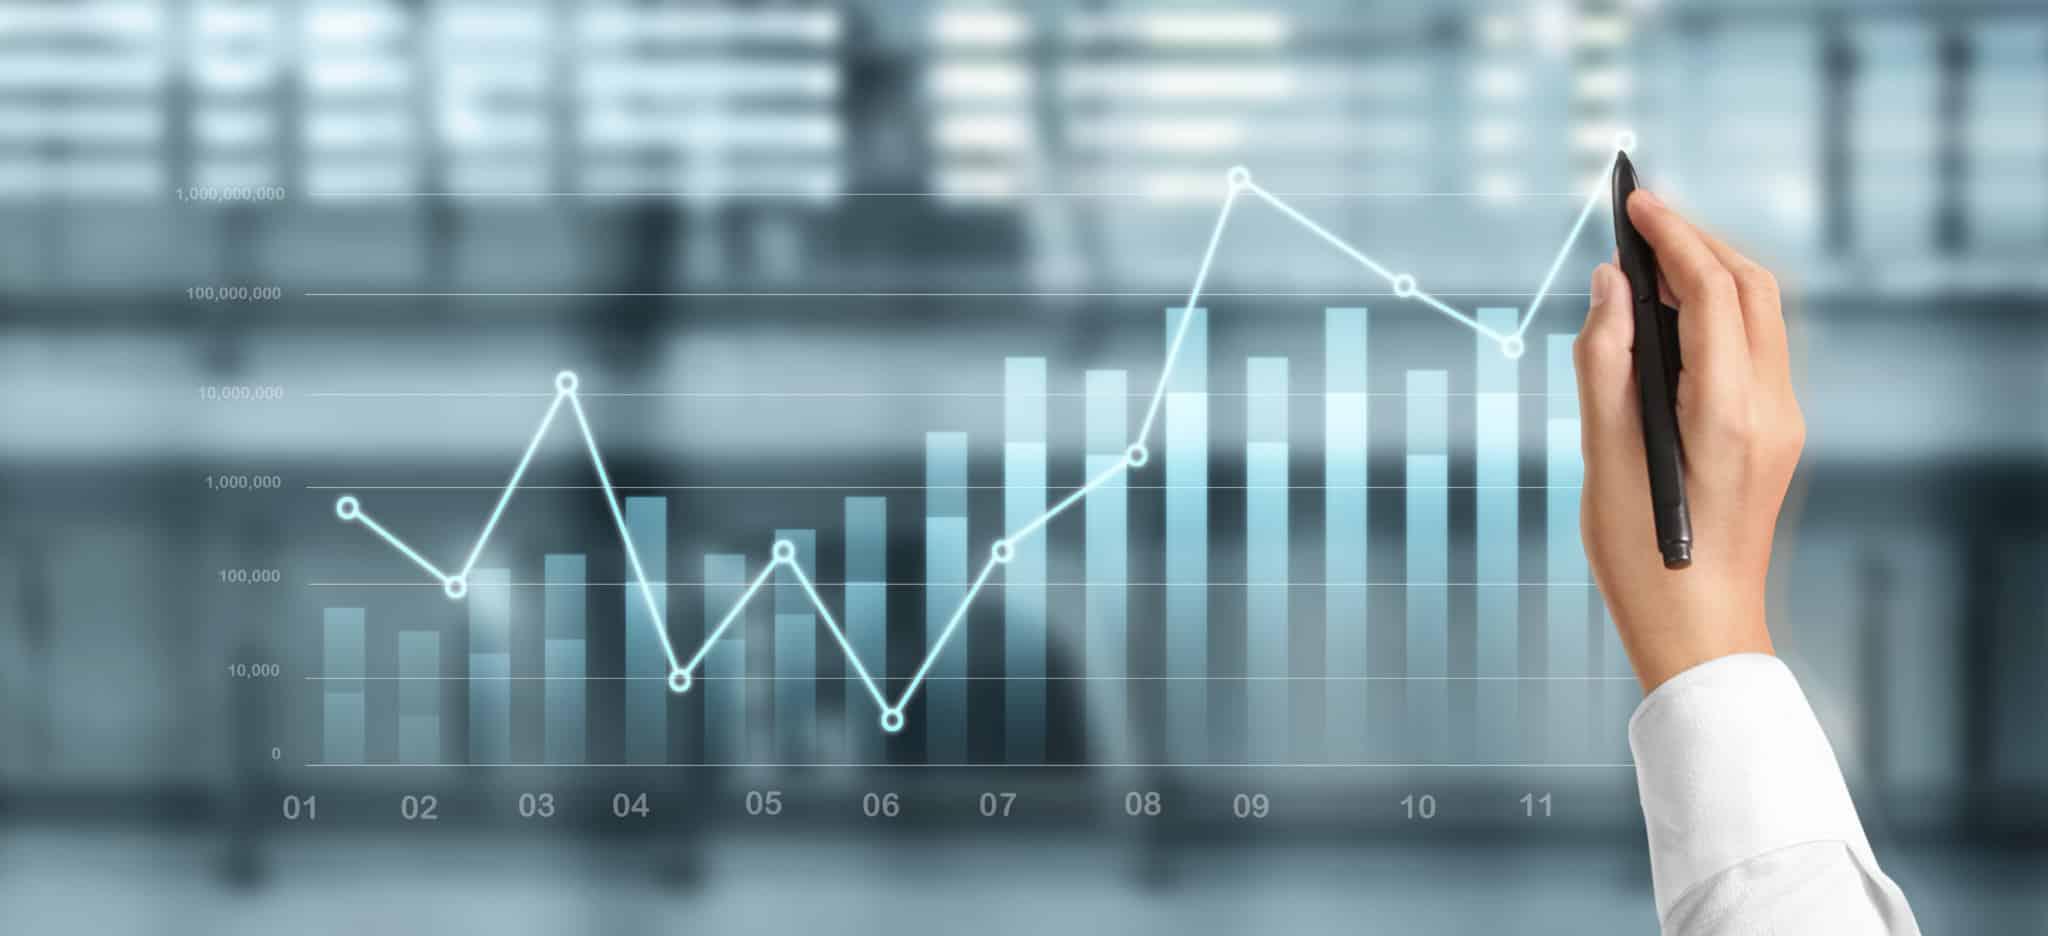 Gráfica de linhas sobre um gráfico de barras, a mostrar a evolução do investimento